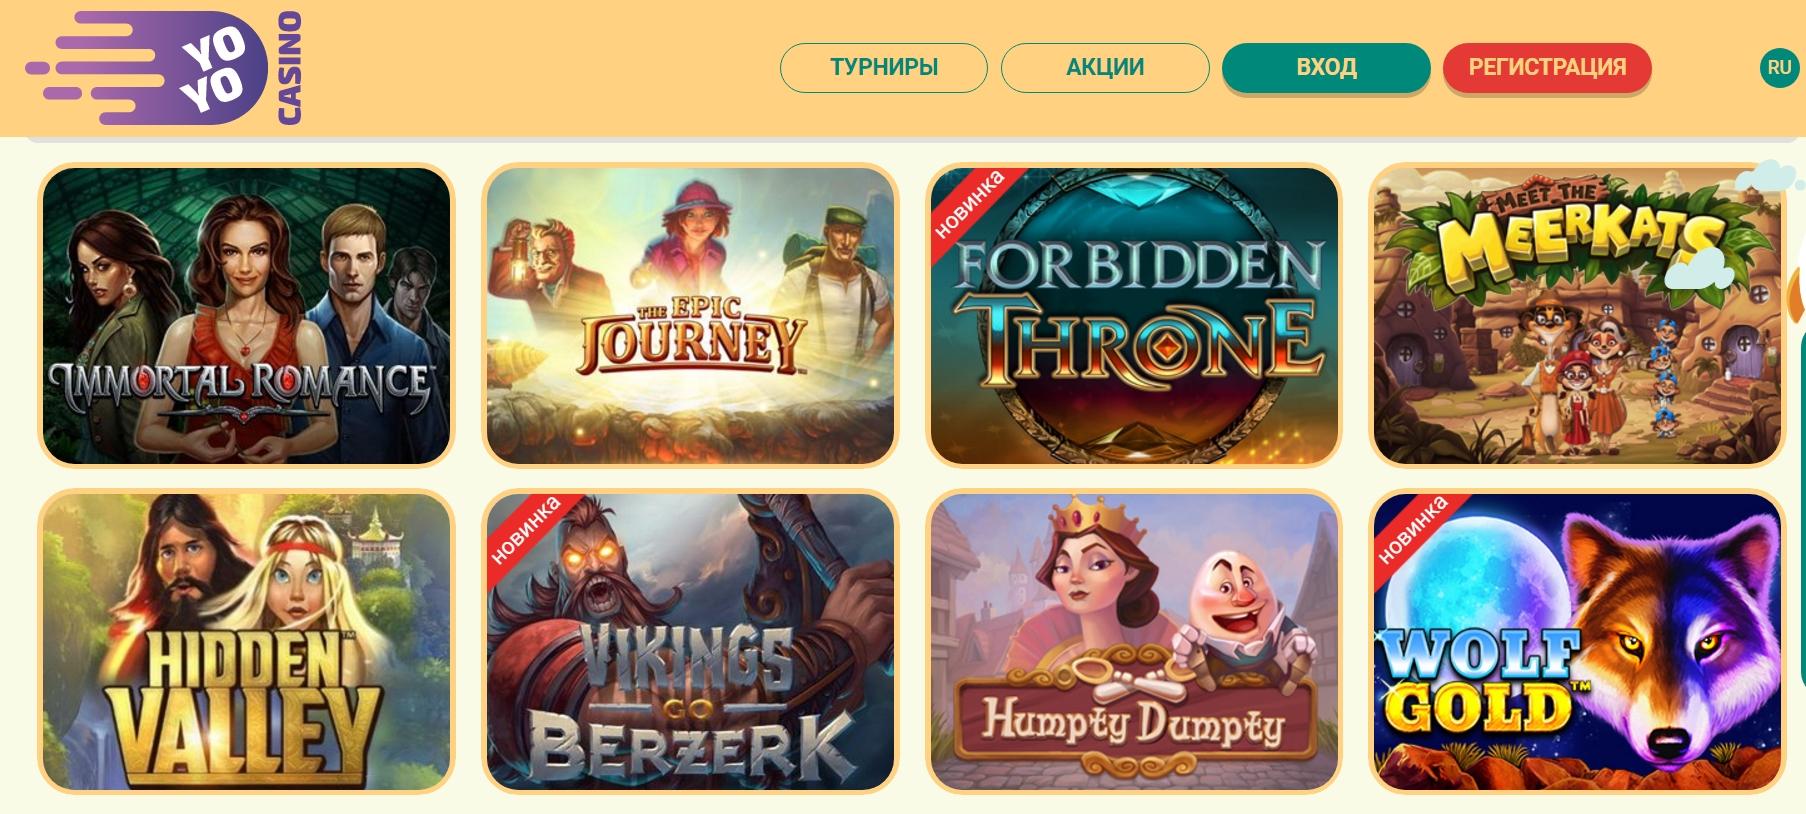 Скриншоты казино